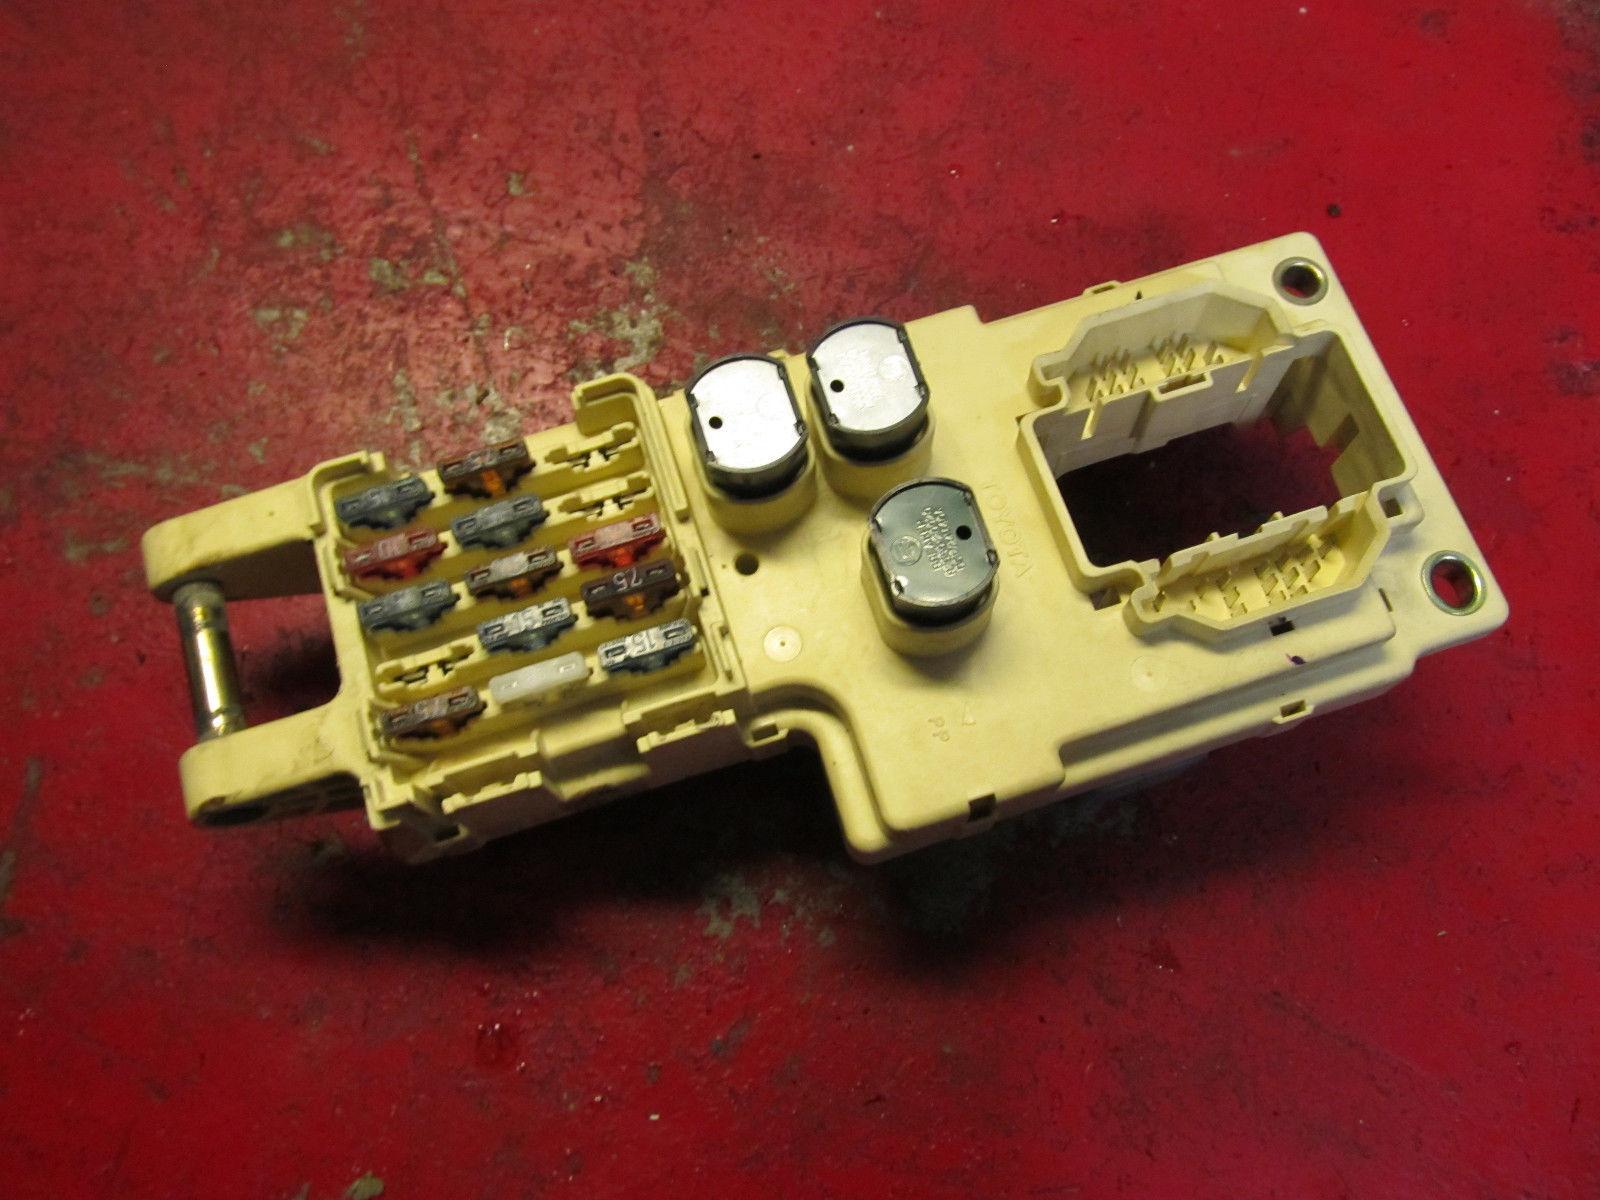 94 93 90 91 92 Lexus LS400 interior fuse box and 50 similar ...  Lexus Fuse Box on